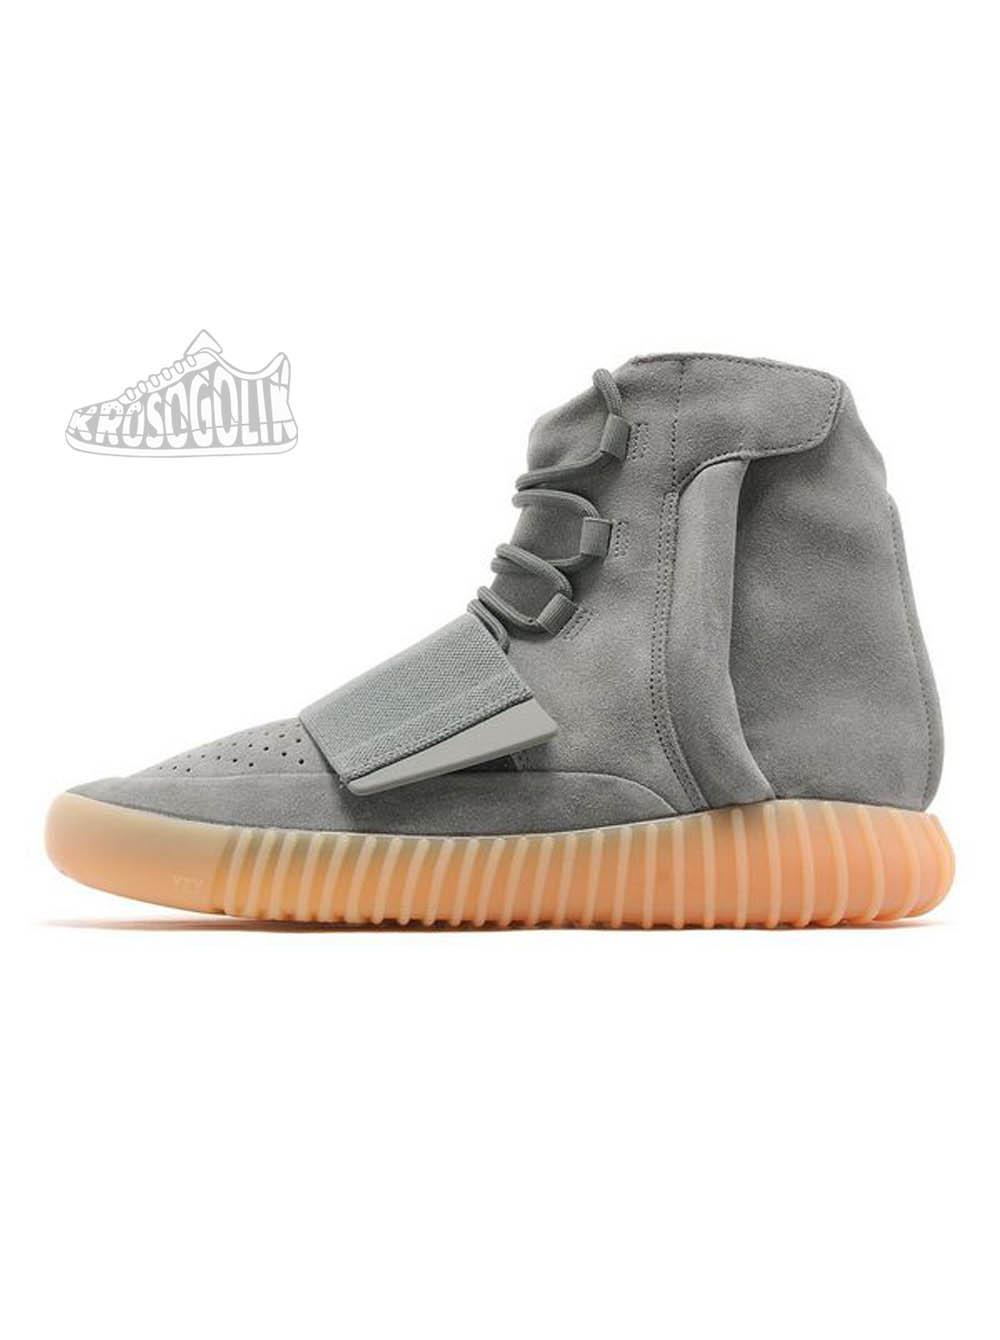 Купить мужские кроссовки Adidas Yeezy Boost 700 Wave Runner на ... 94de24f08c6